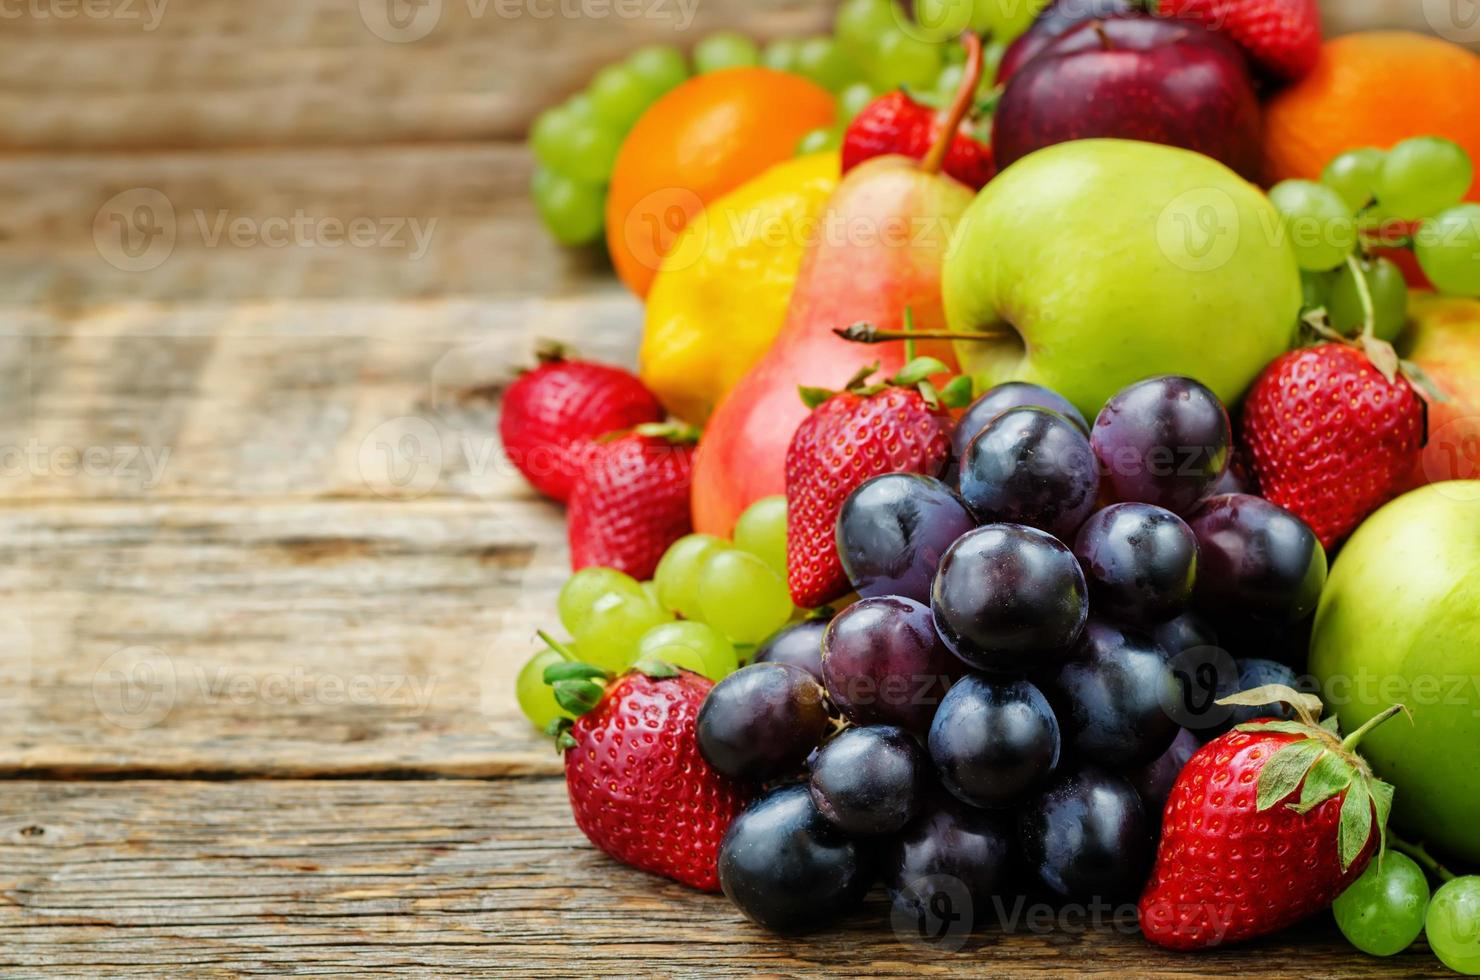 frukter. mango, citron, plommon, druva, päron, apelsin, äpple, banan, jordgubbe foto